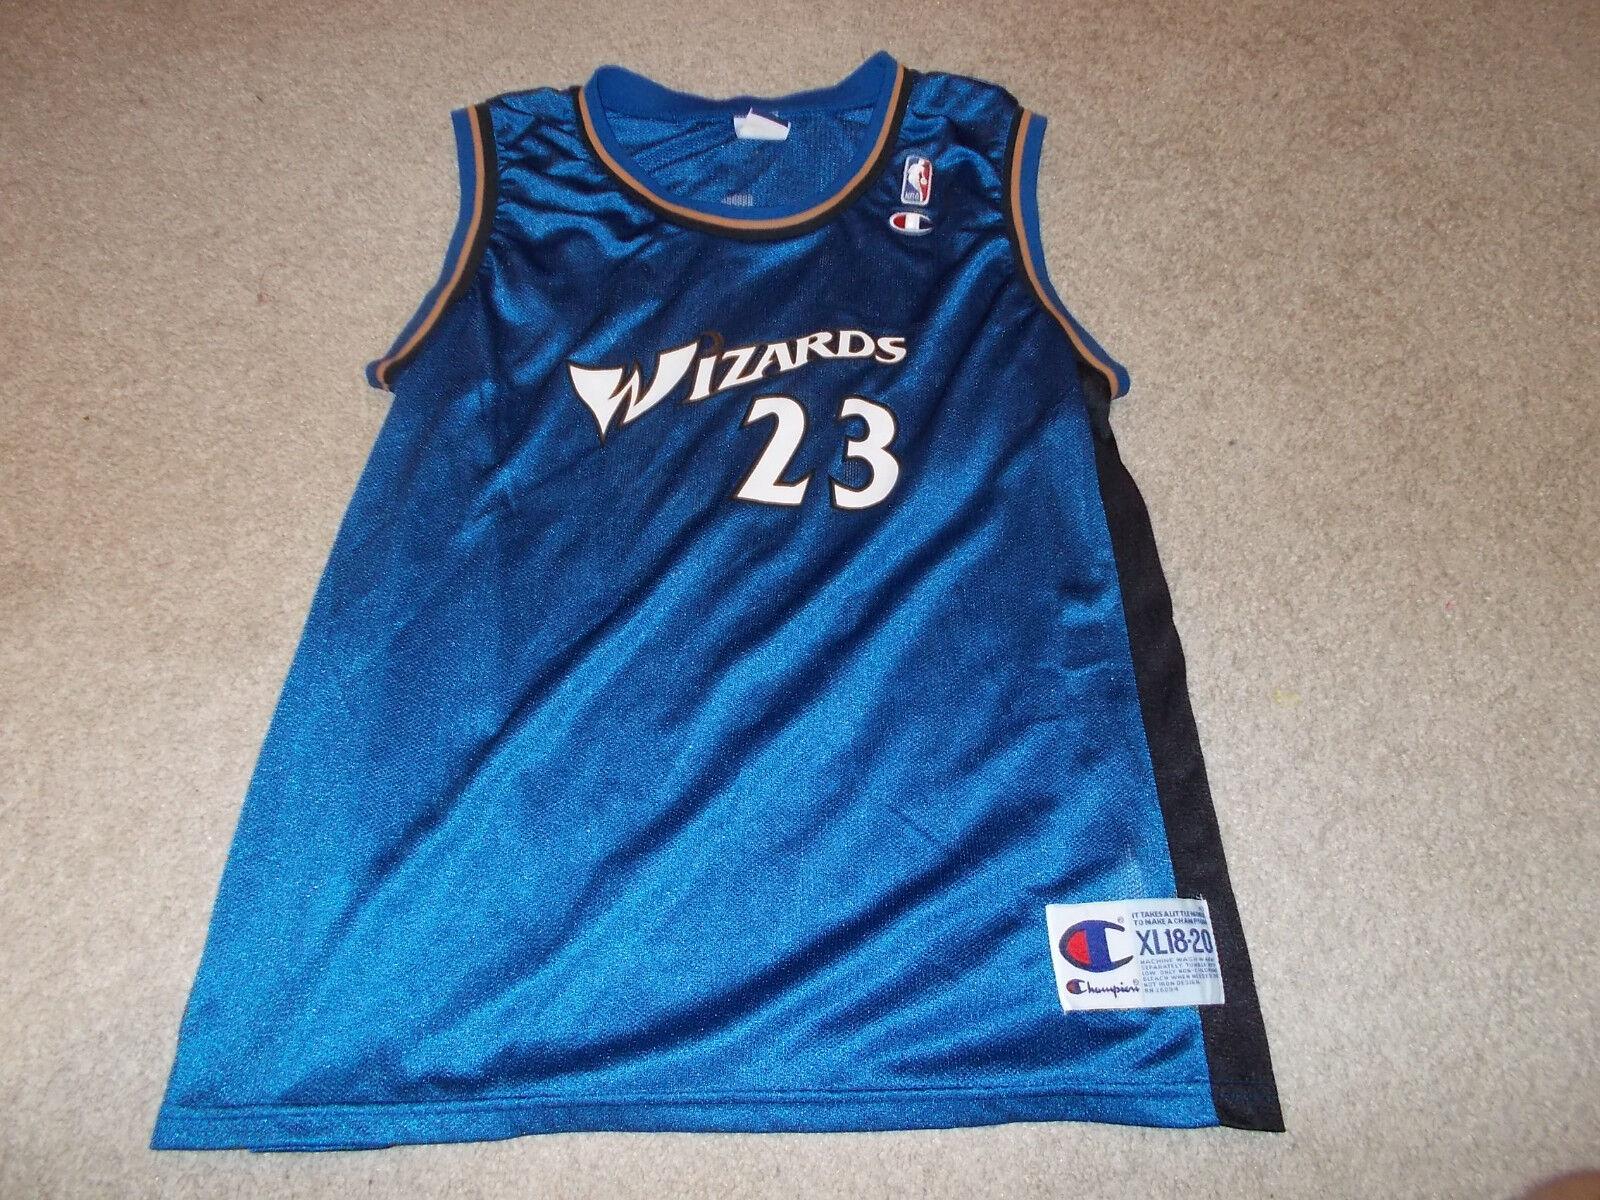 Vtg-2000s Washington Wizards Michael Jordan Champion Jugendliche XL Trikot Trikot Trikot b29fd0